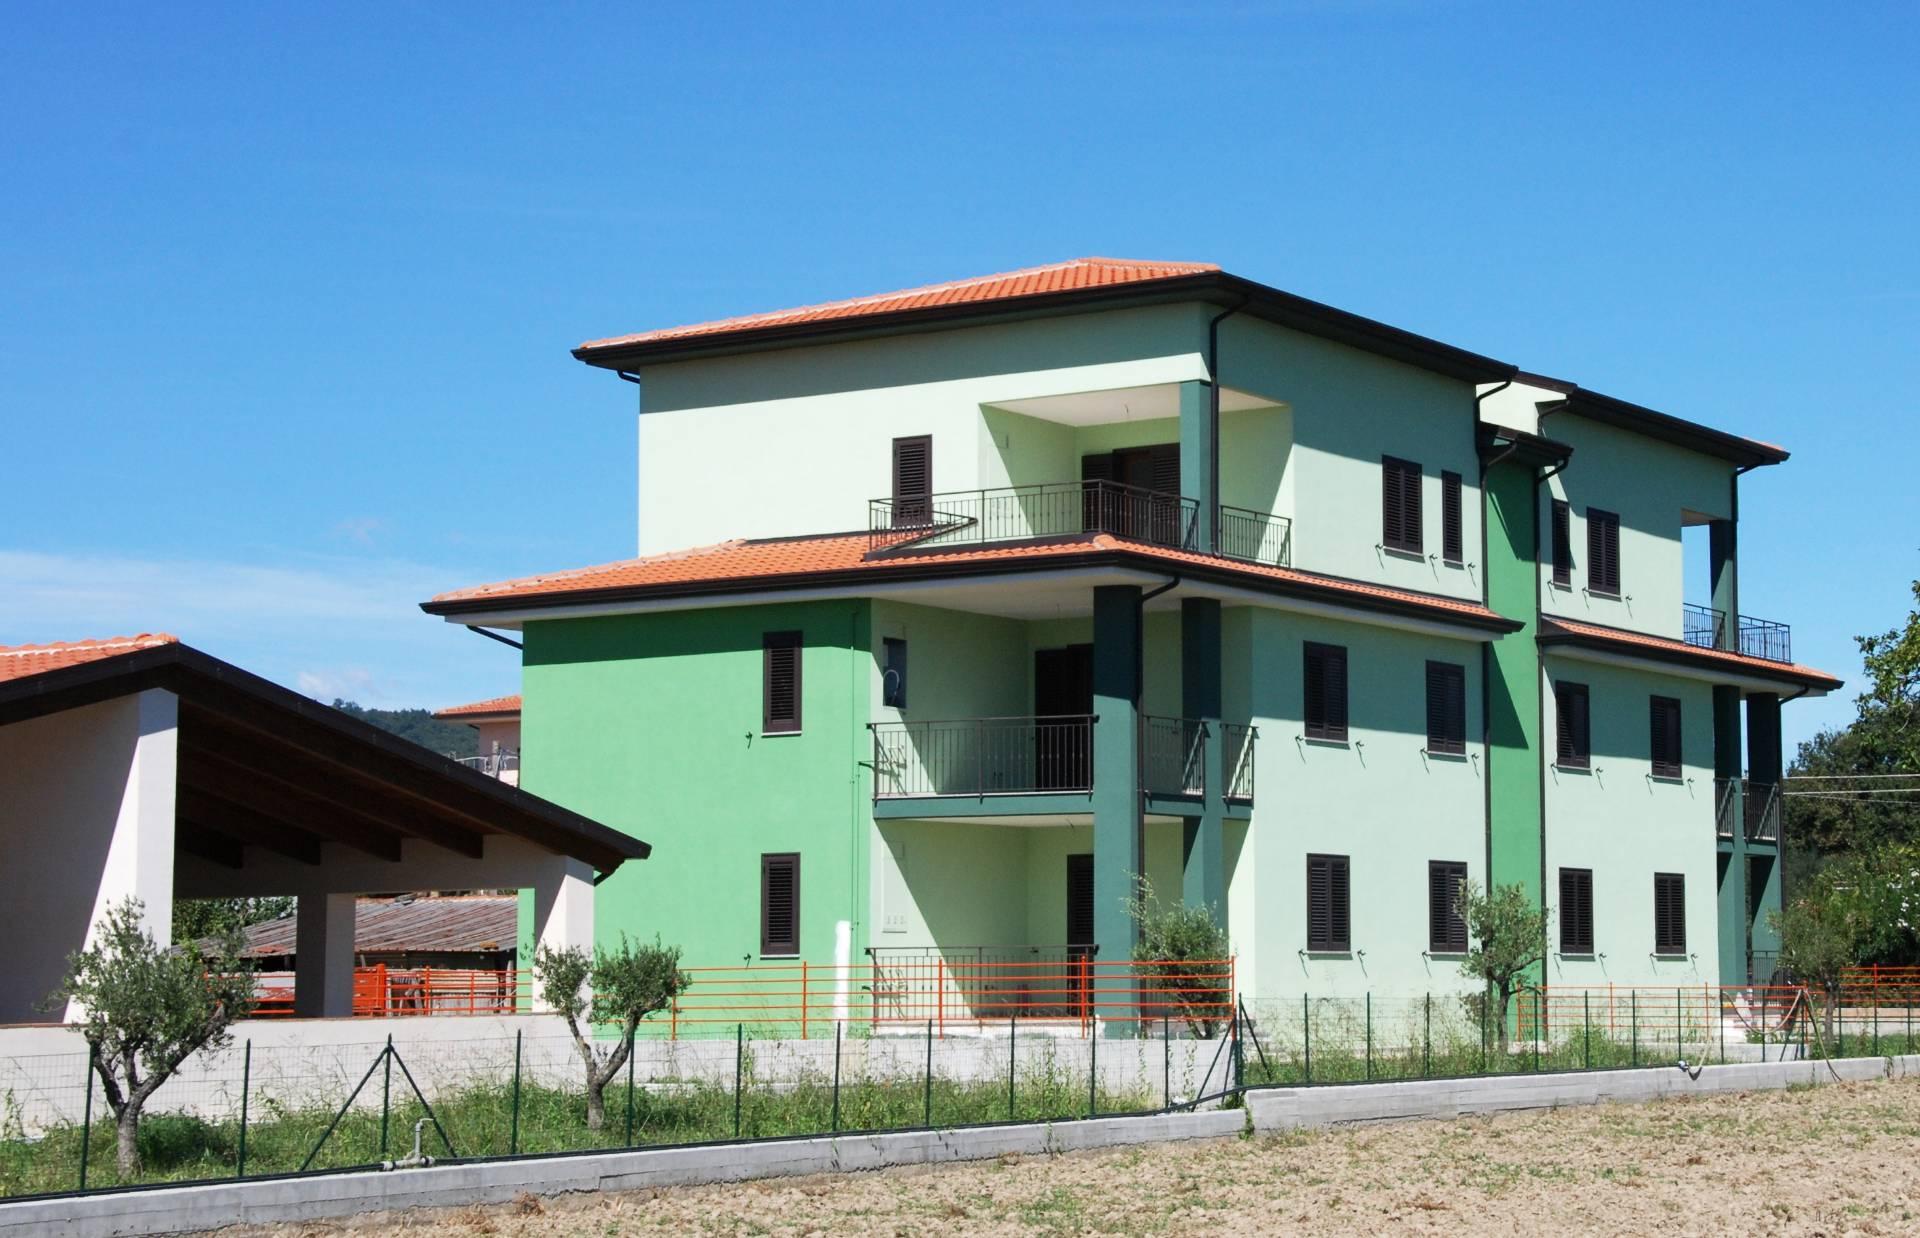 Appartamento in vendita a Casal Velino, 4 locali, zona Località: BiviodiAcquavella, prezzo € 150.000   CambioCasa.it